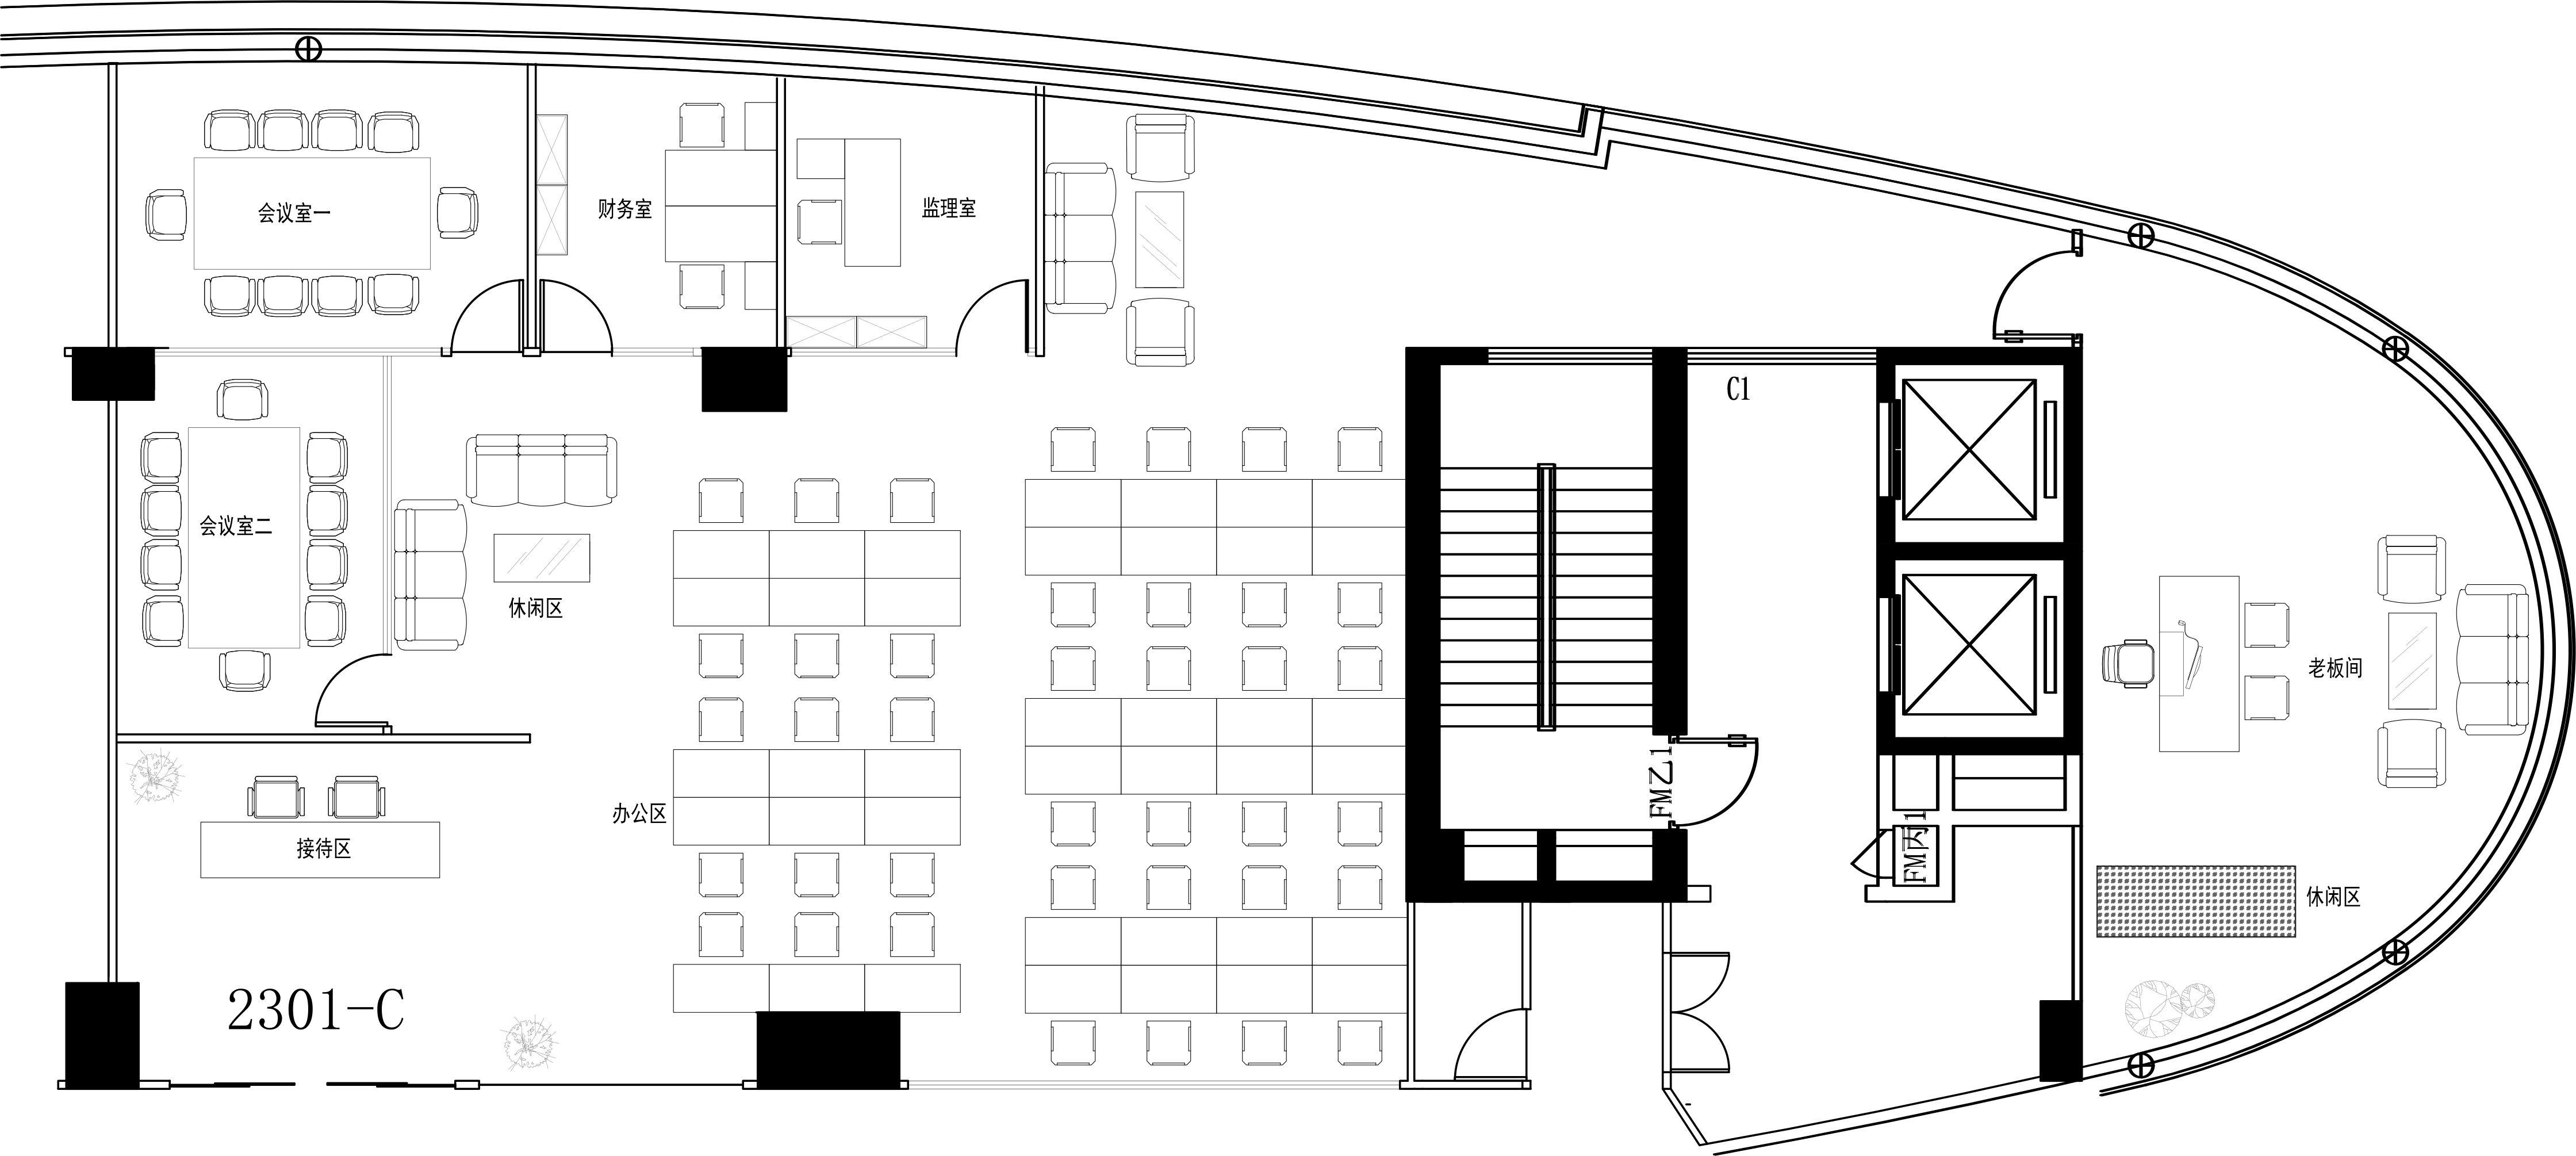 智慧广场625㎡精装办公室出租53750元/月